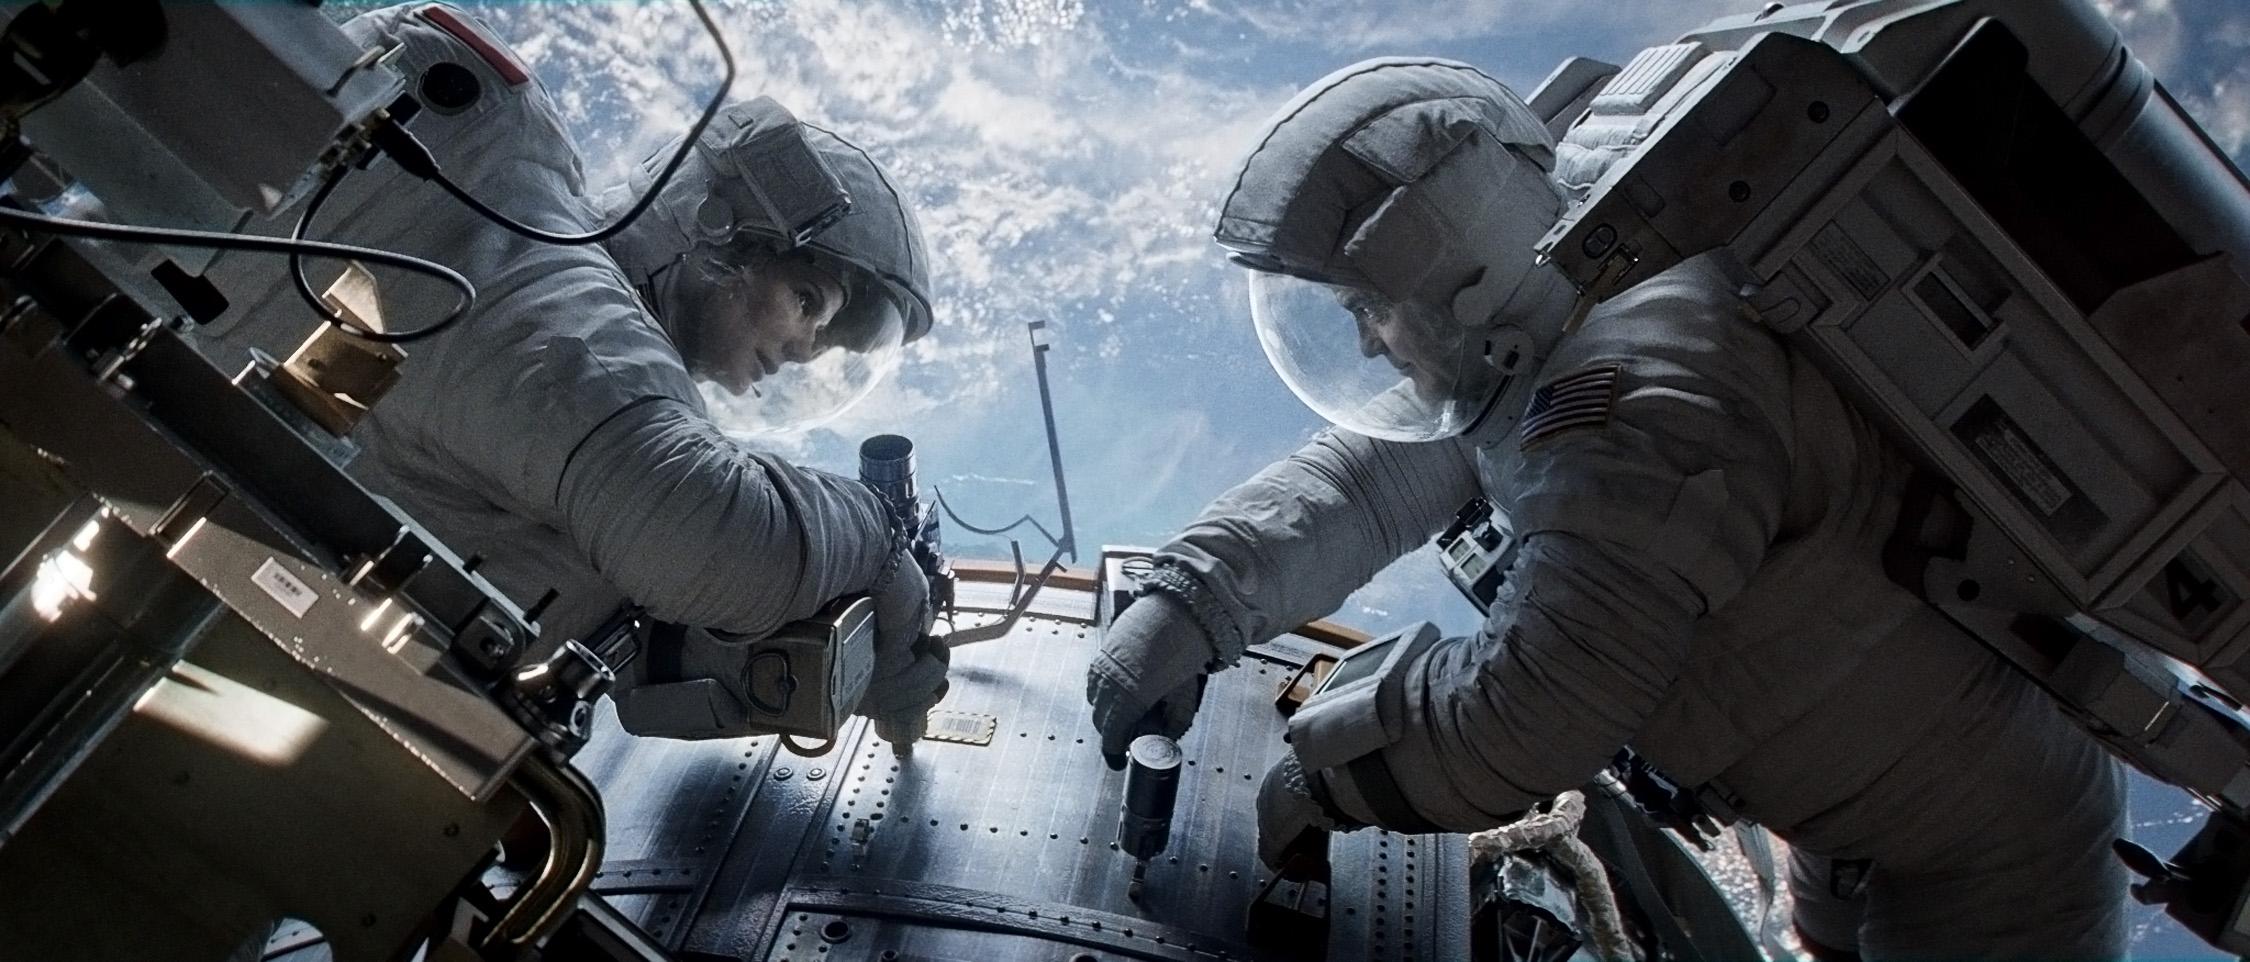 Las de ciencia ficción nunca fueron las mejores películas…